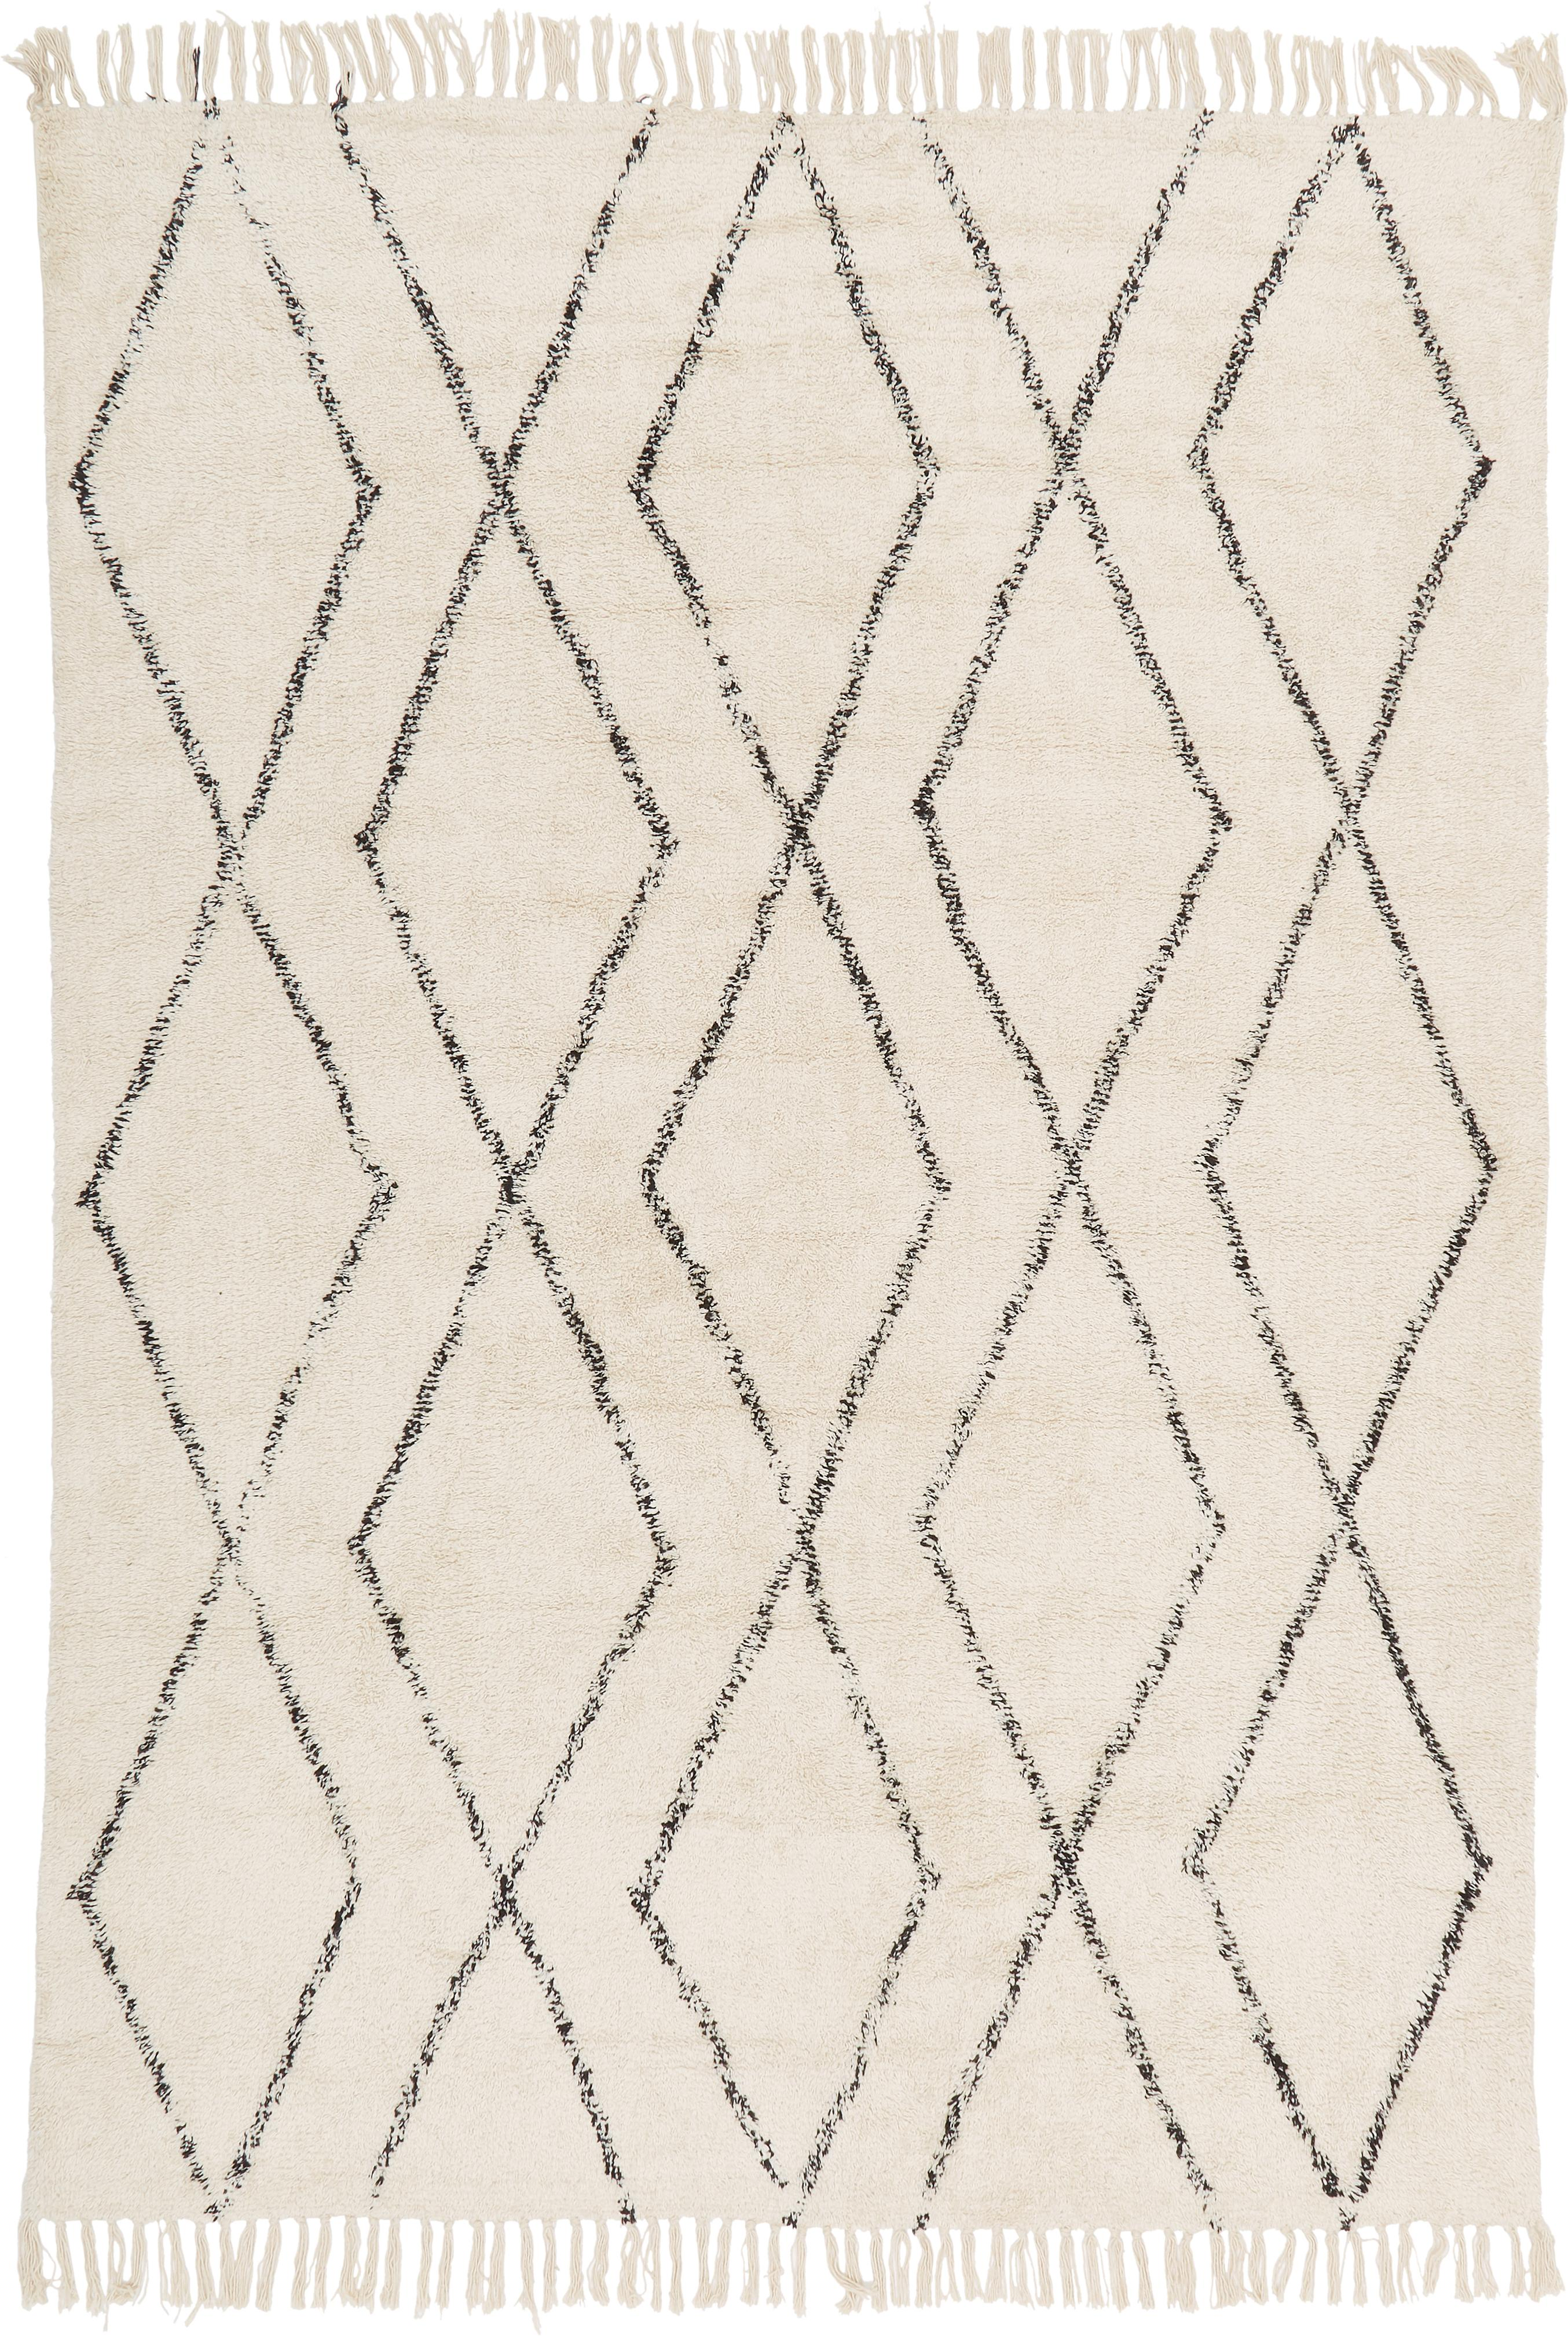 Handgetufteter Baumwollteppich Bina mit Rautenmuster, Beige, Schwarz, B 120 x L 180 cm (Grösse S)